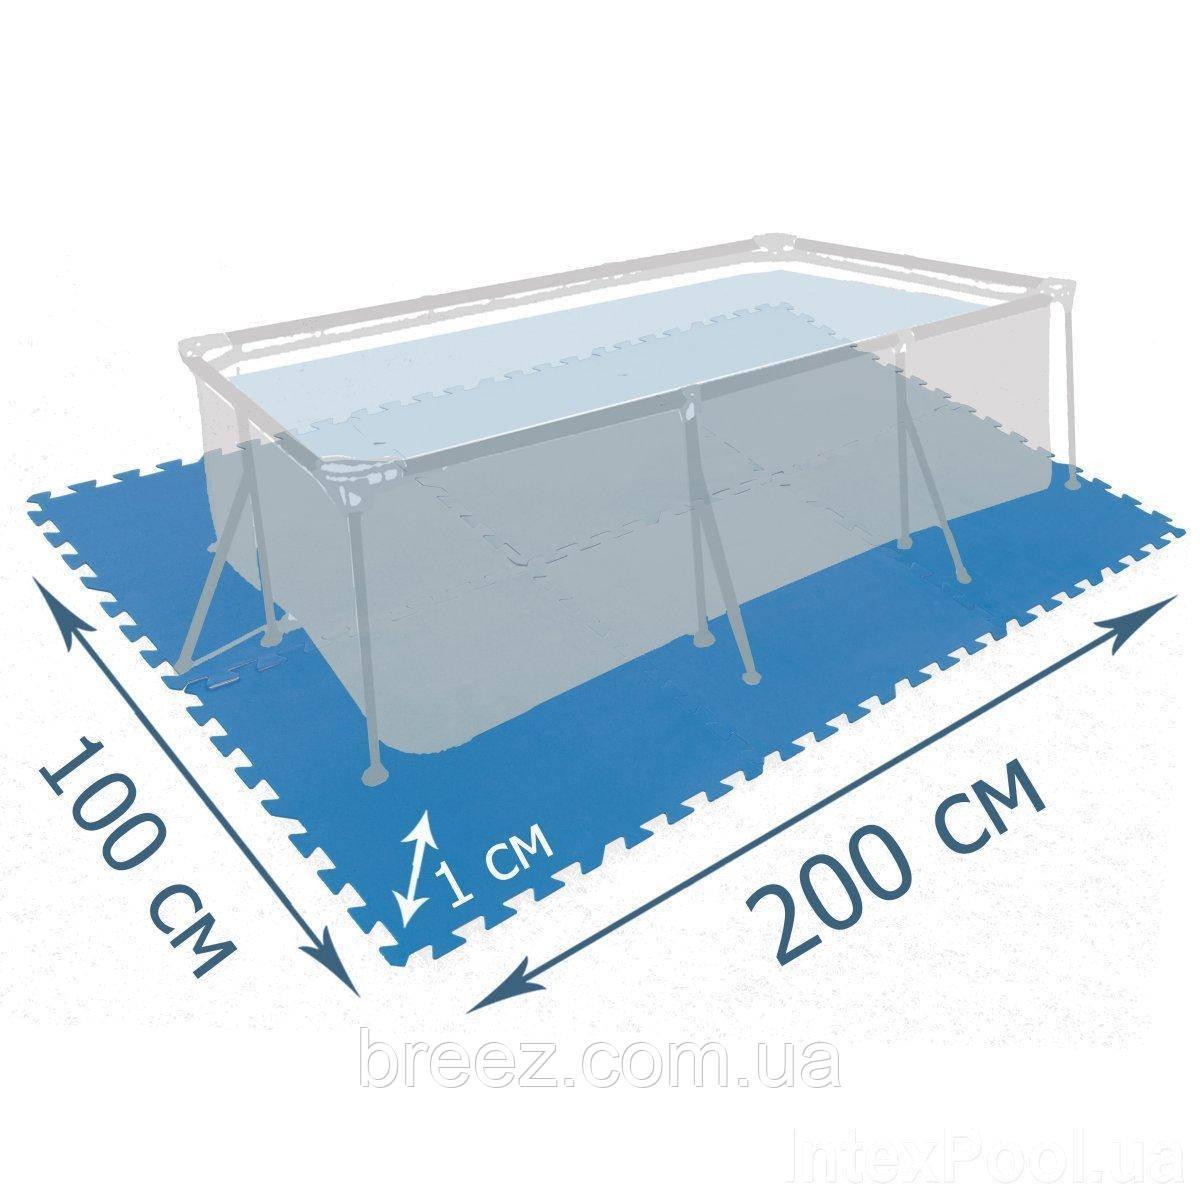 Мат подложка для бассейна Intex 29081 200 х 100 см набор 8 шт 50 x 50 см